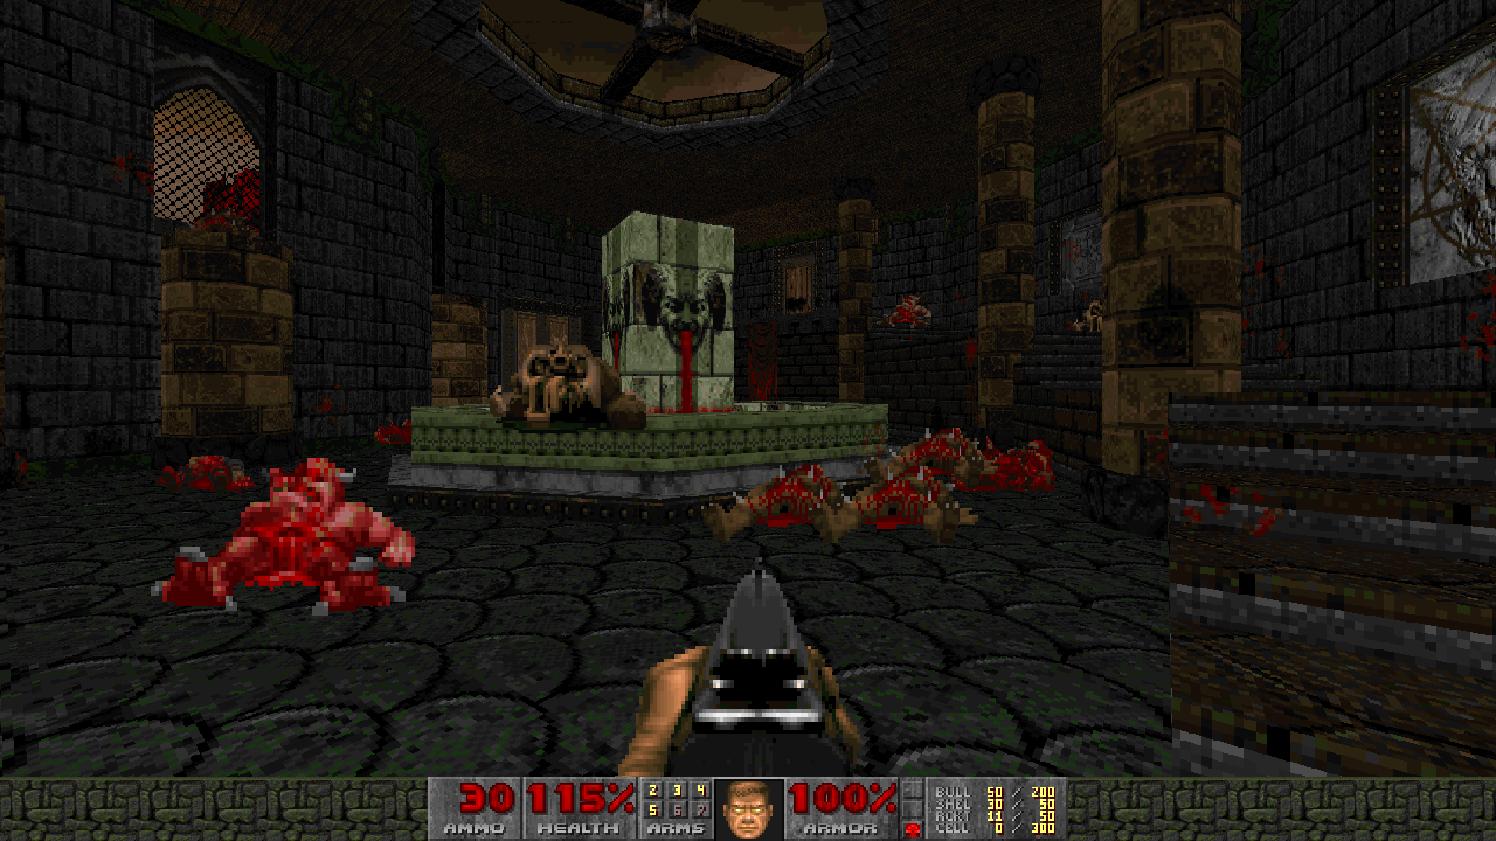 Screenshot_Doom_20190910_150614.png.0efb7c236a83470d867d5705d34a3e1b.png